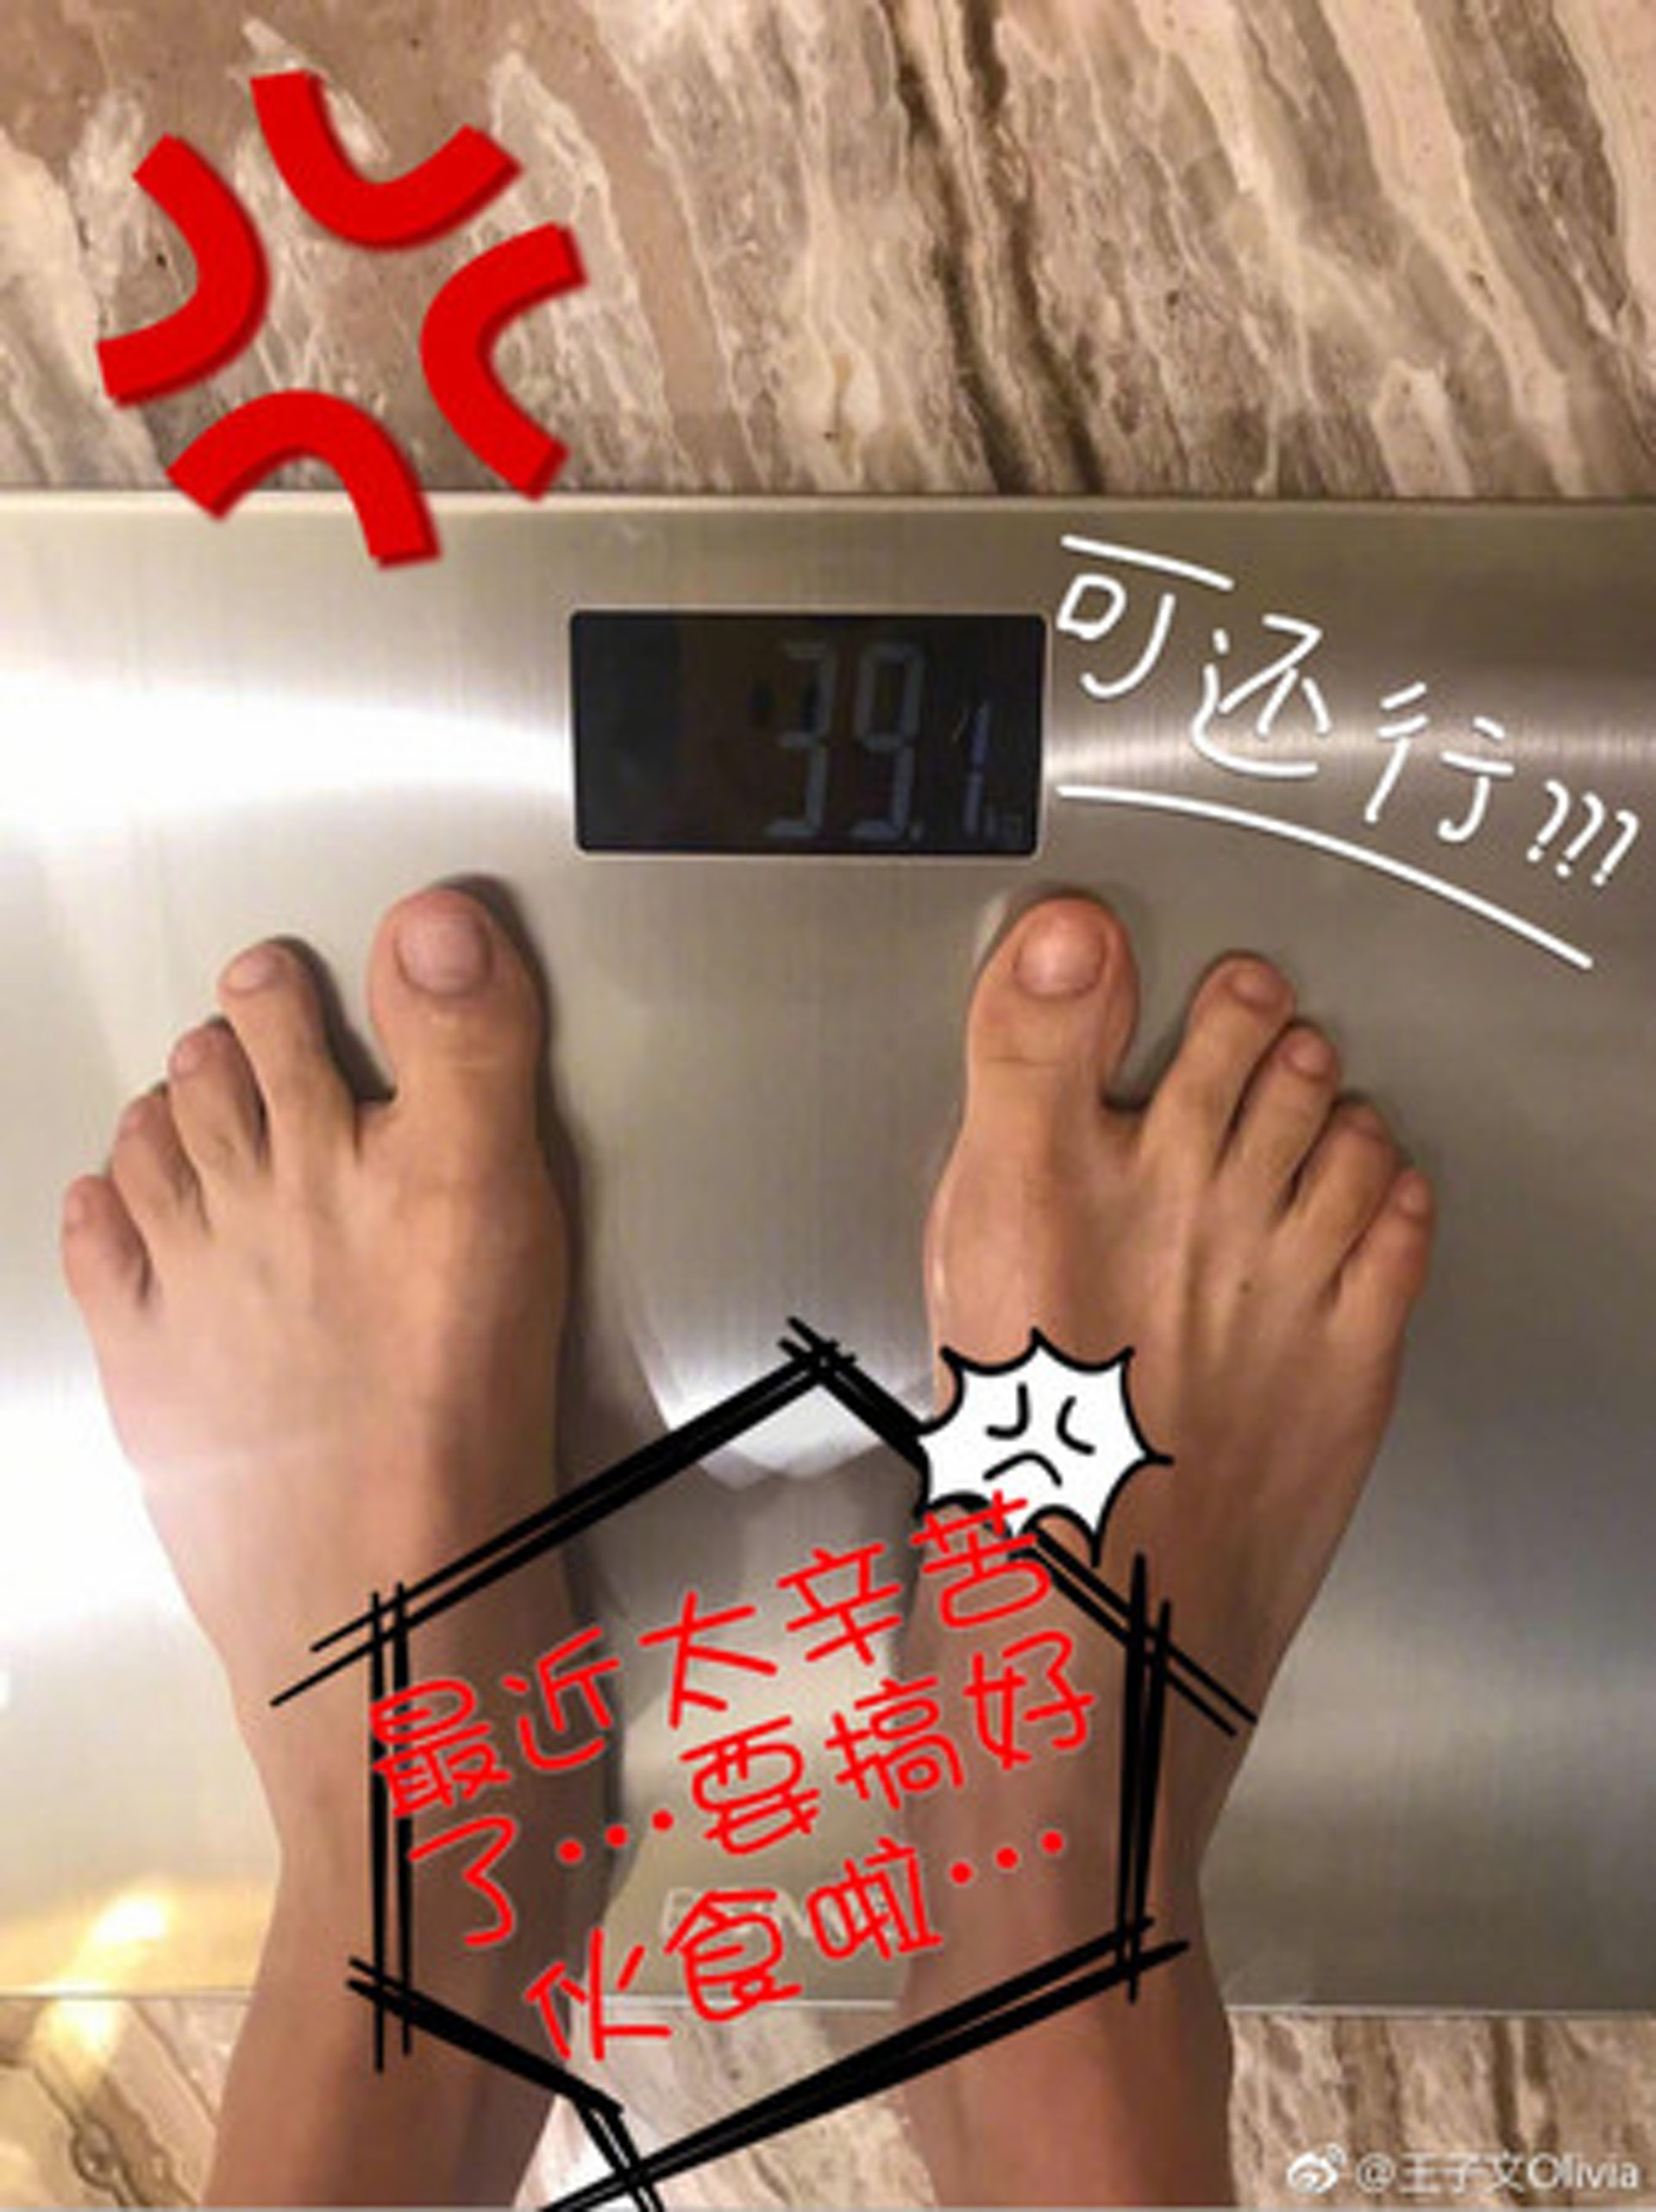 39公斤係有圖有真相。(王子文微博)